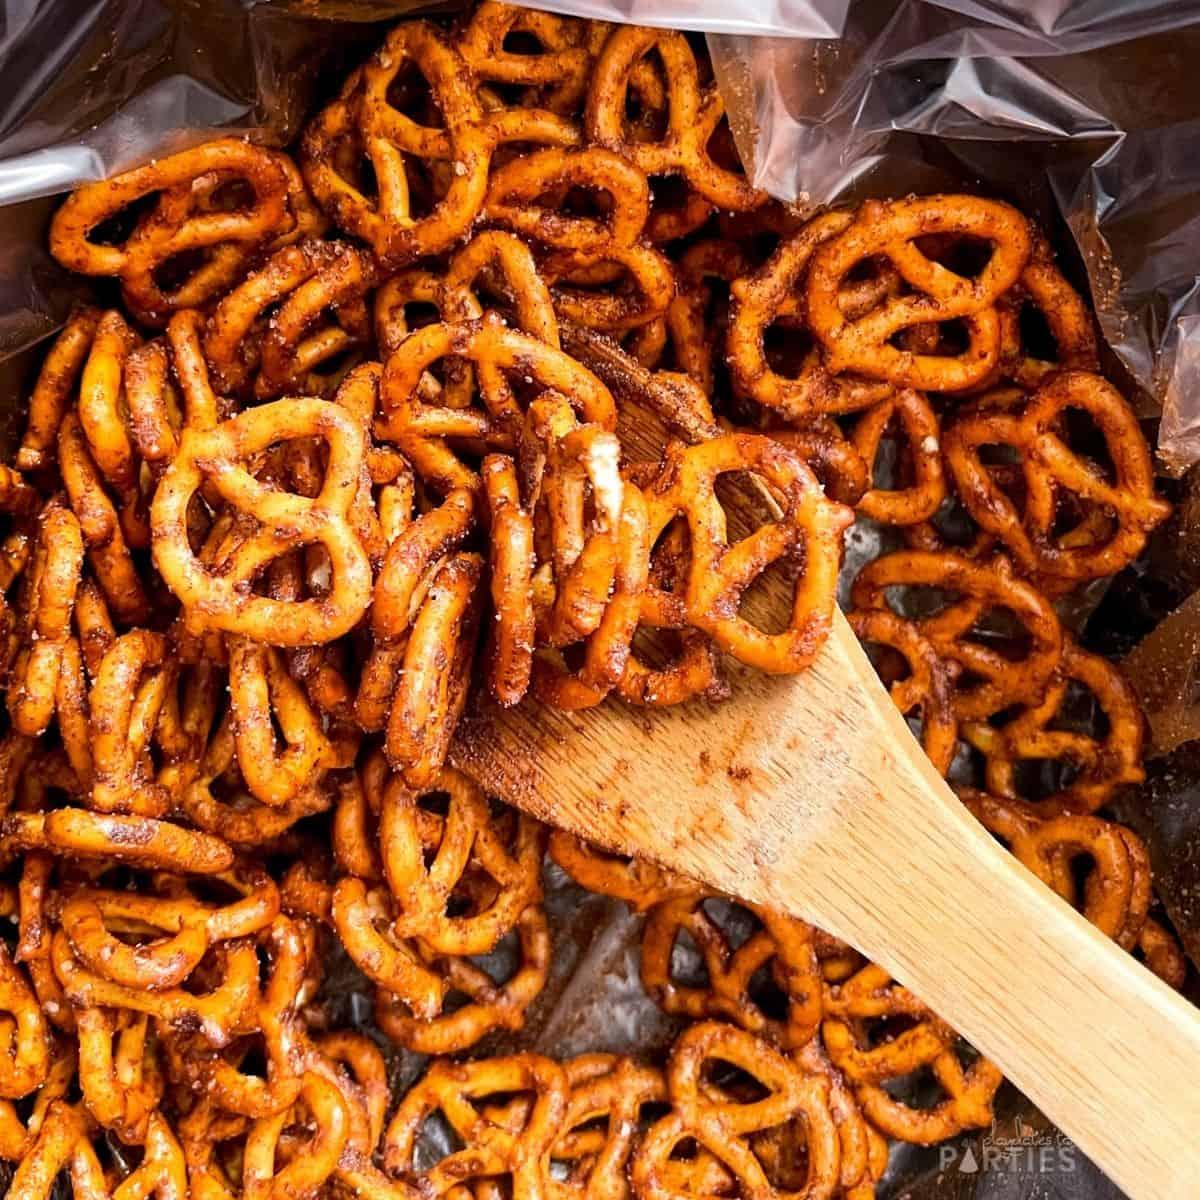 cooking mini spiced pretzels in a crock pot